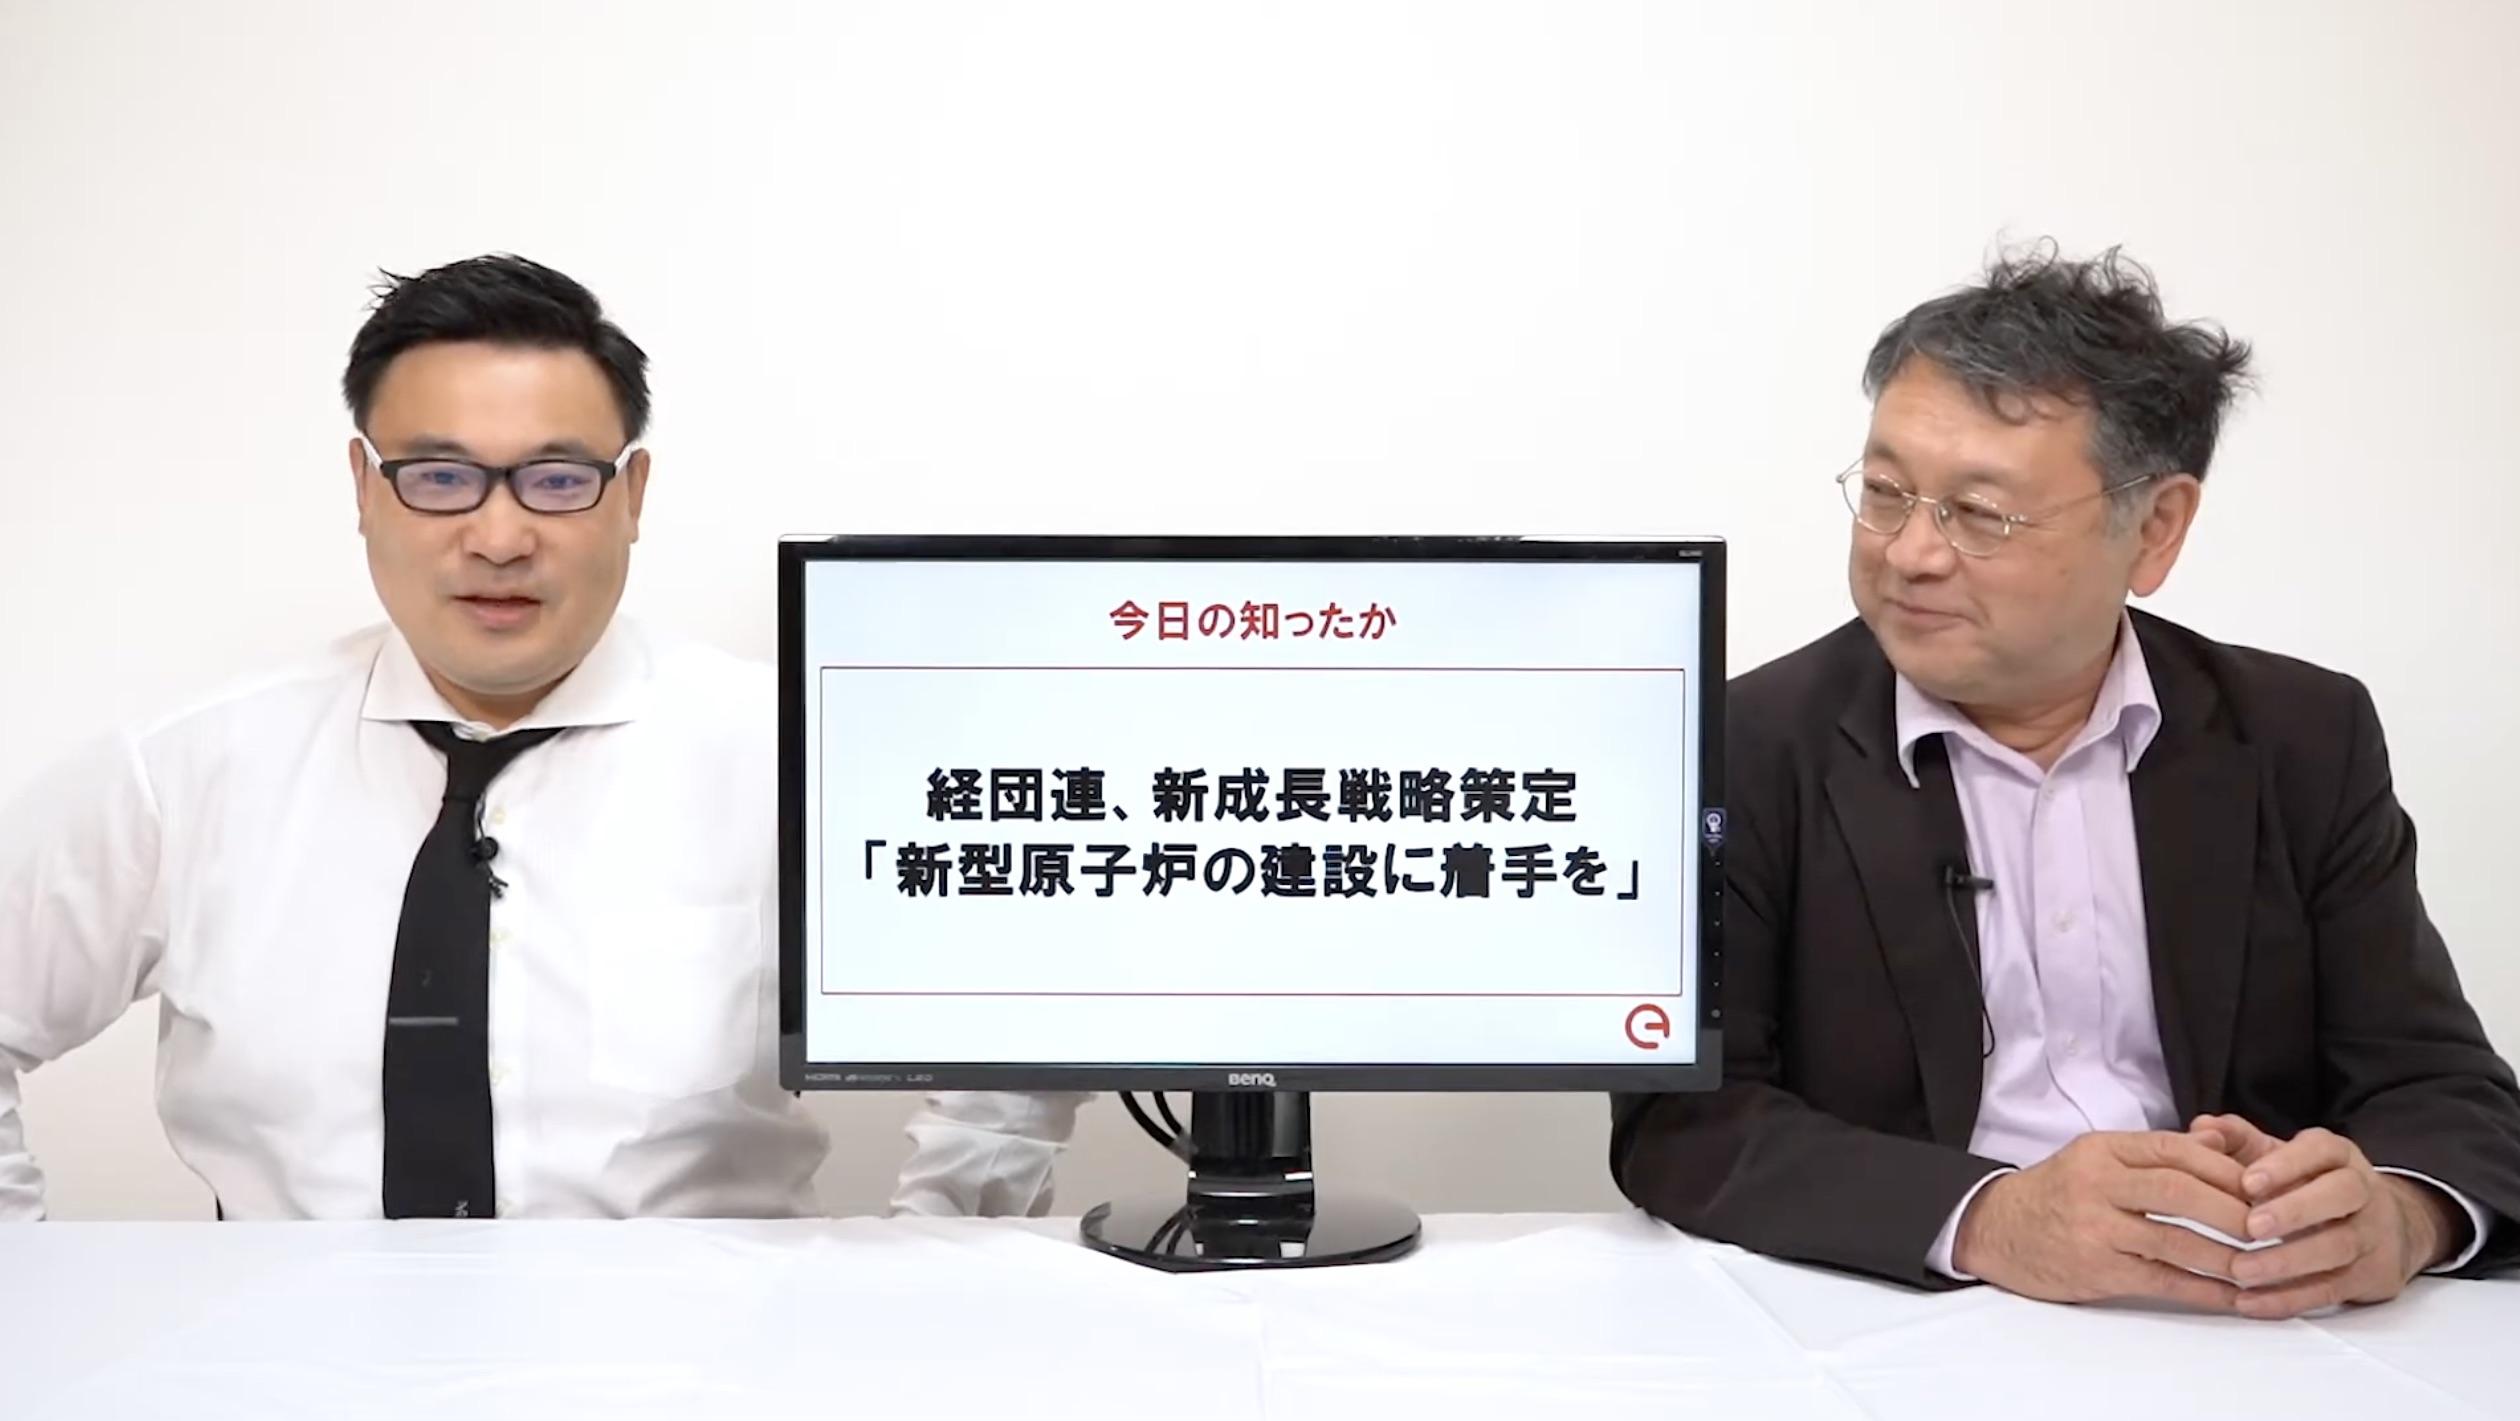 「経団連、新成長戦略策定」「日産とトヨタがEV・PHVの「世界トップ10」から陥落」エナシフTV